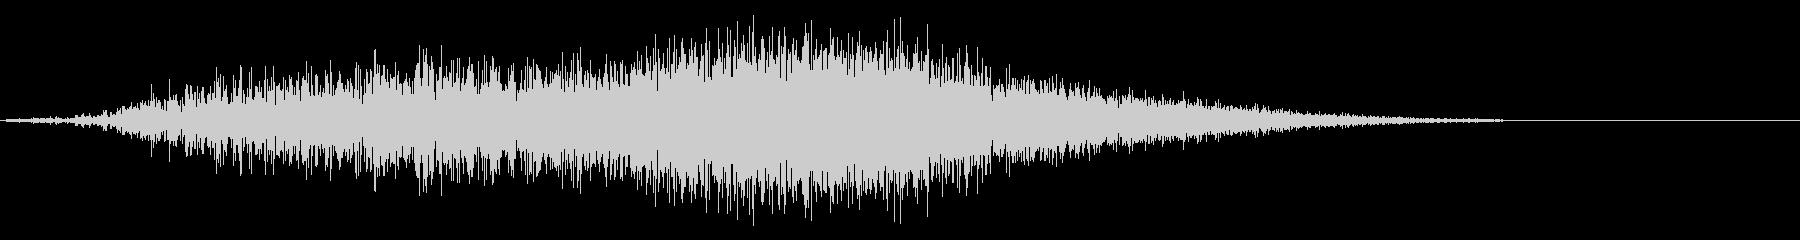 シャープティアリングフーシャ1の未再生の波形